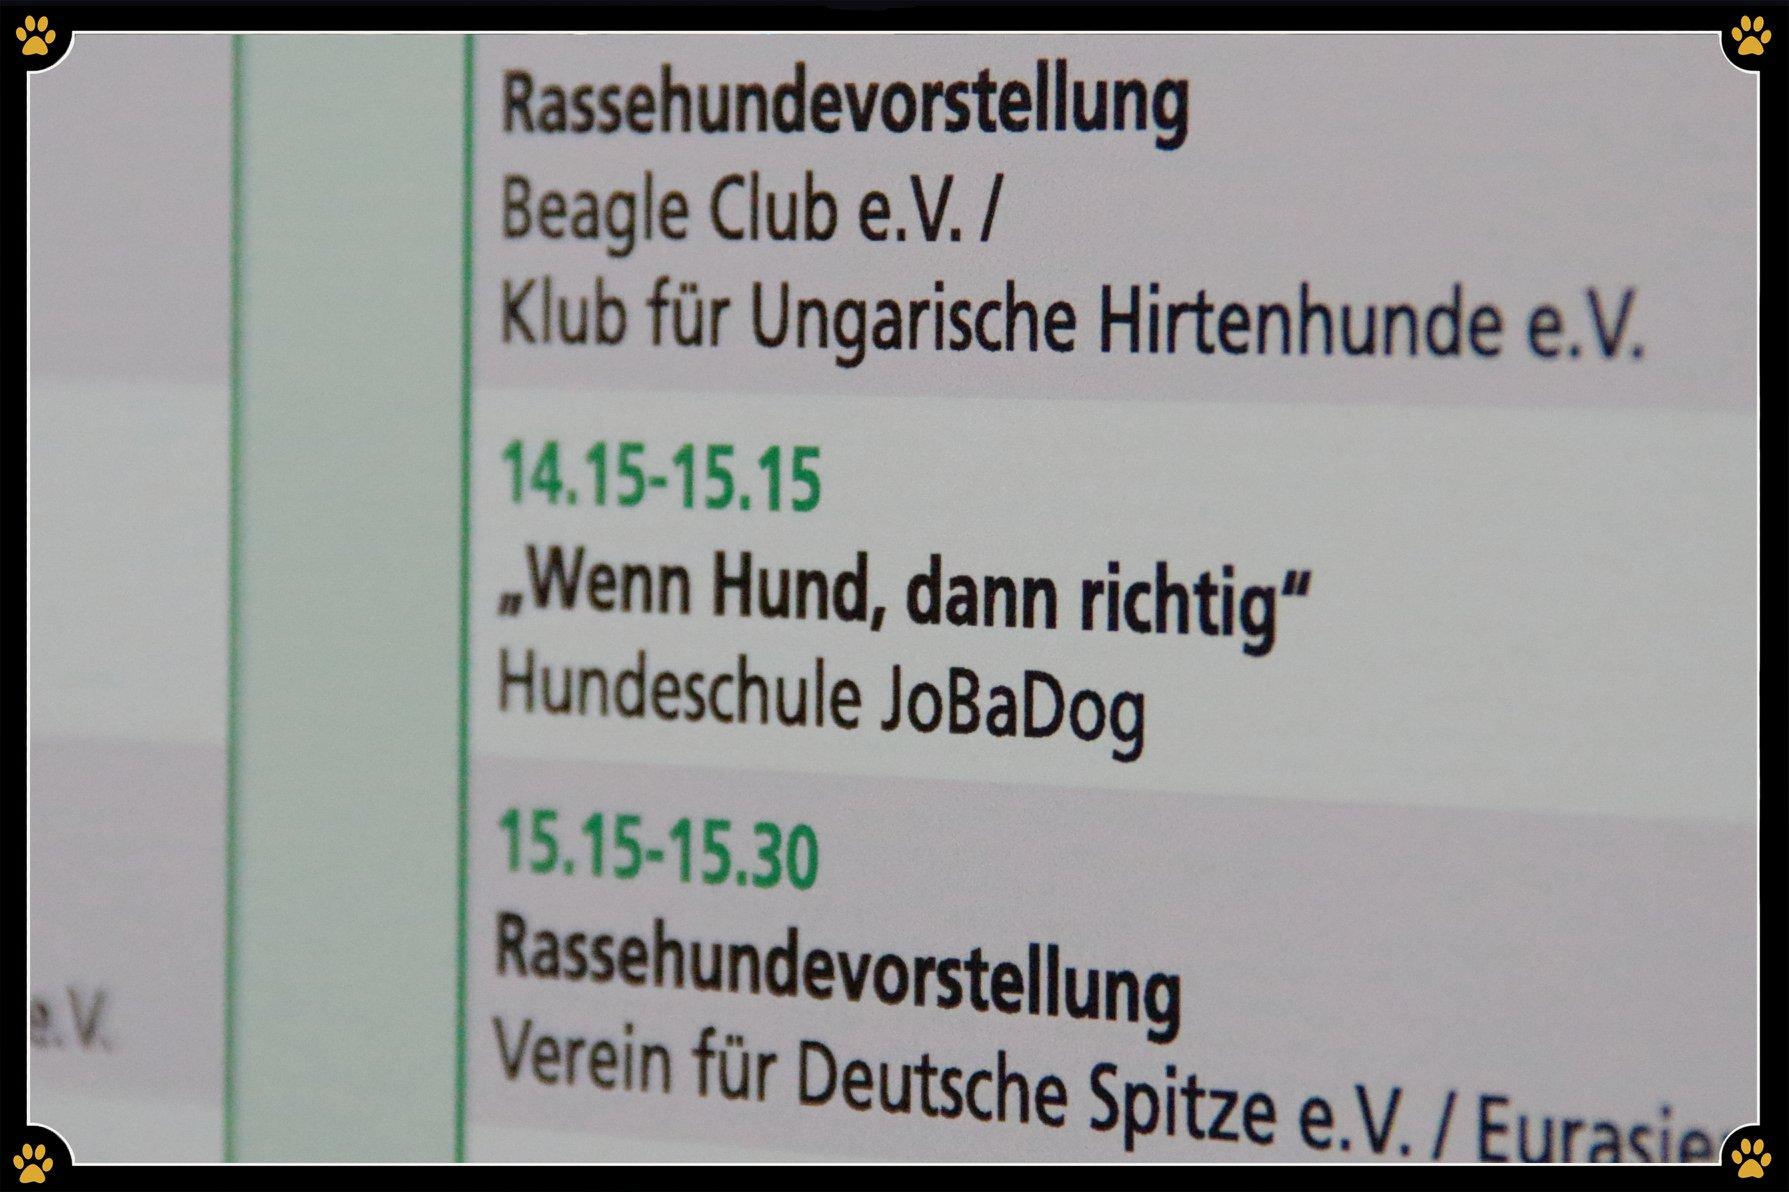 JoBaDog_Gruene_Woche_2019_Programmuebersicht_Samstag_19.jpg